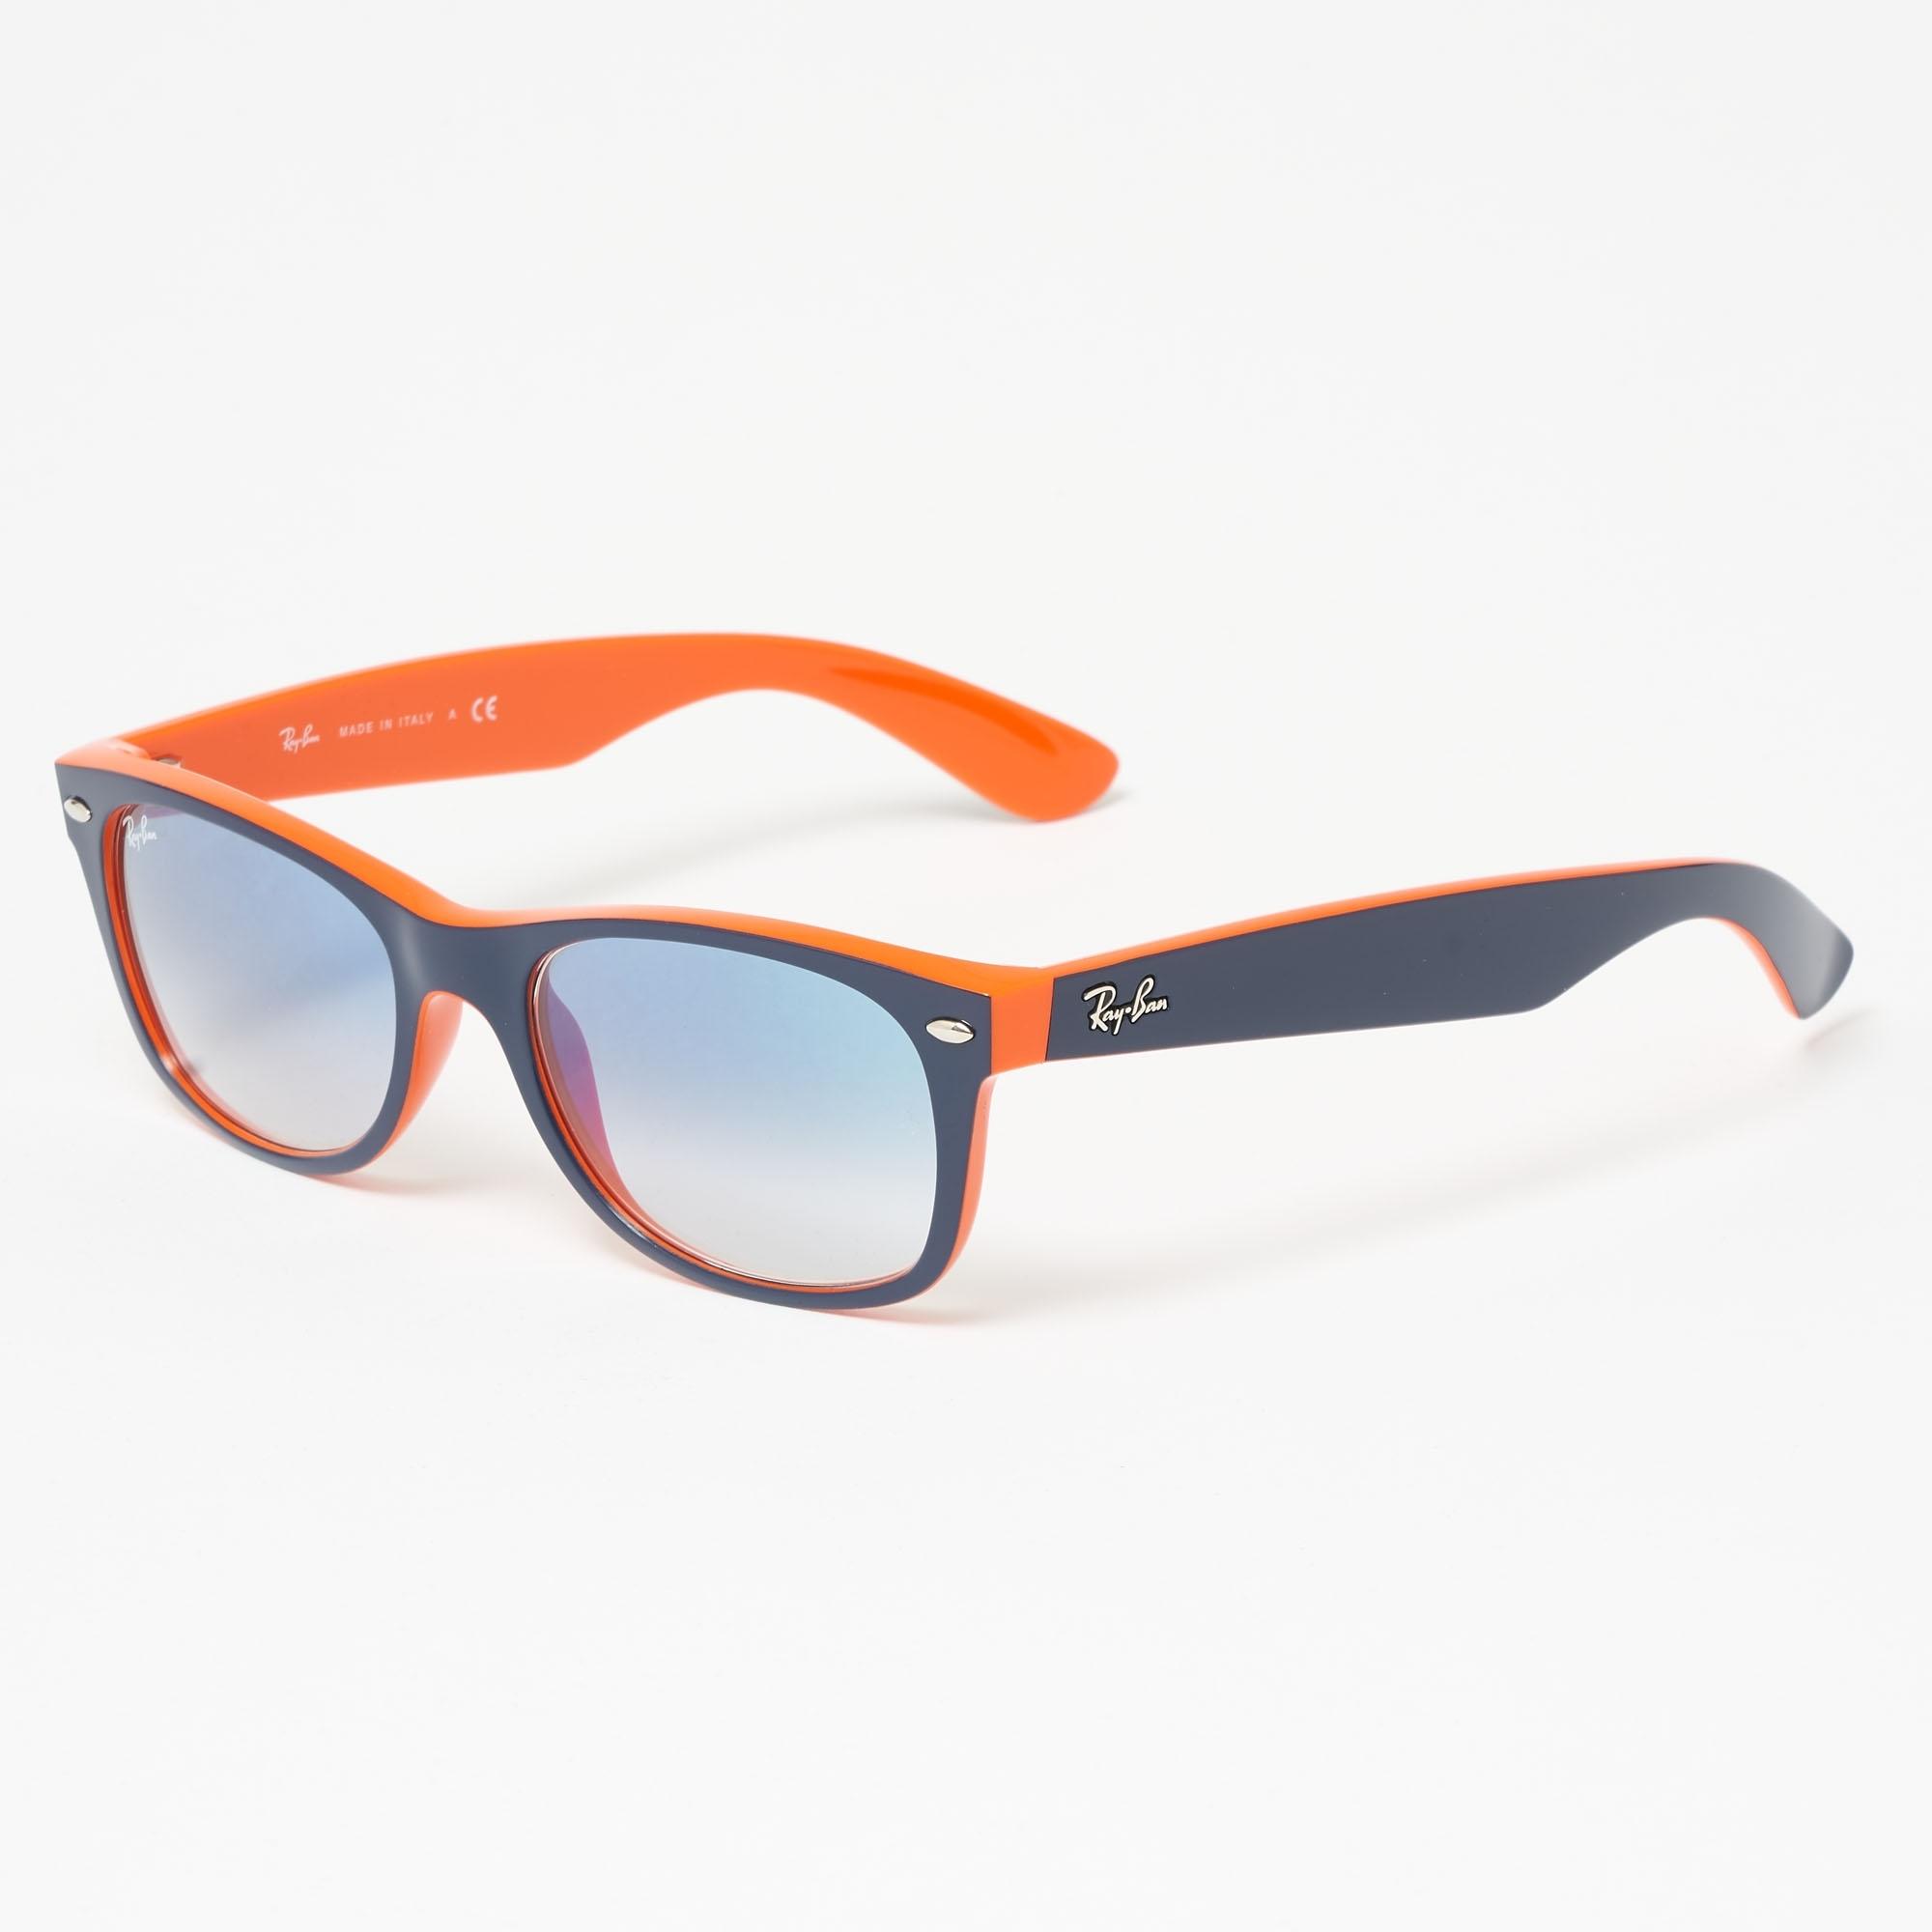 d6dc95c0f Blue & Orange New Wayfarer Colour Mix - Light Blue Gradient Lenses